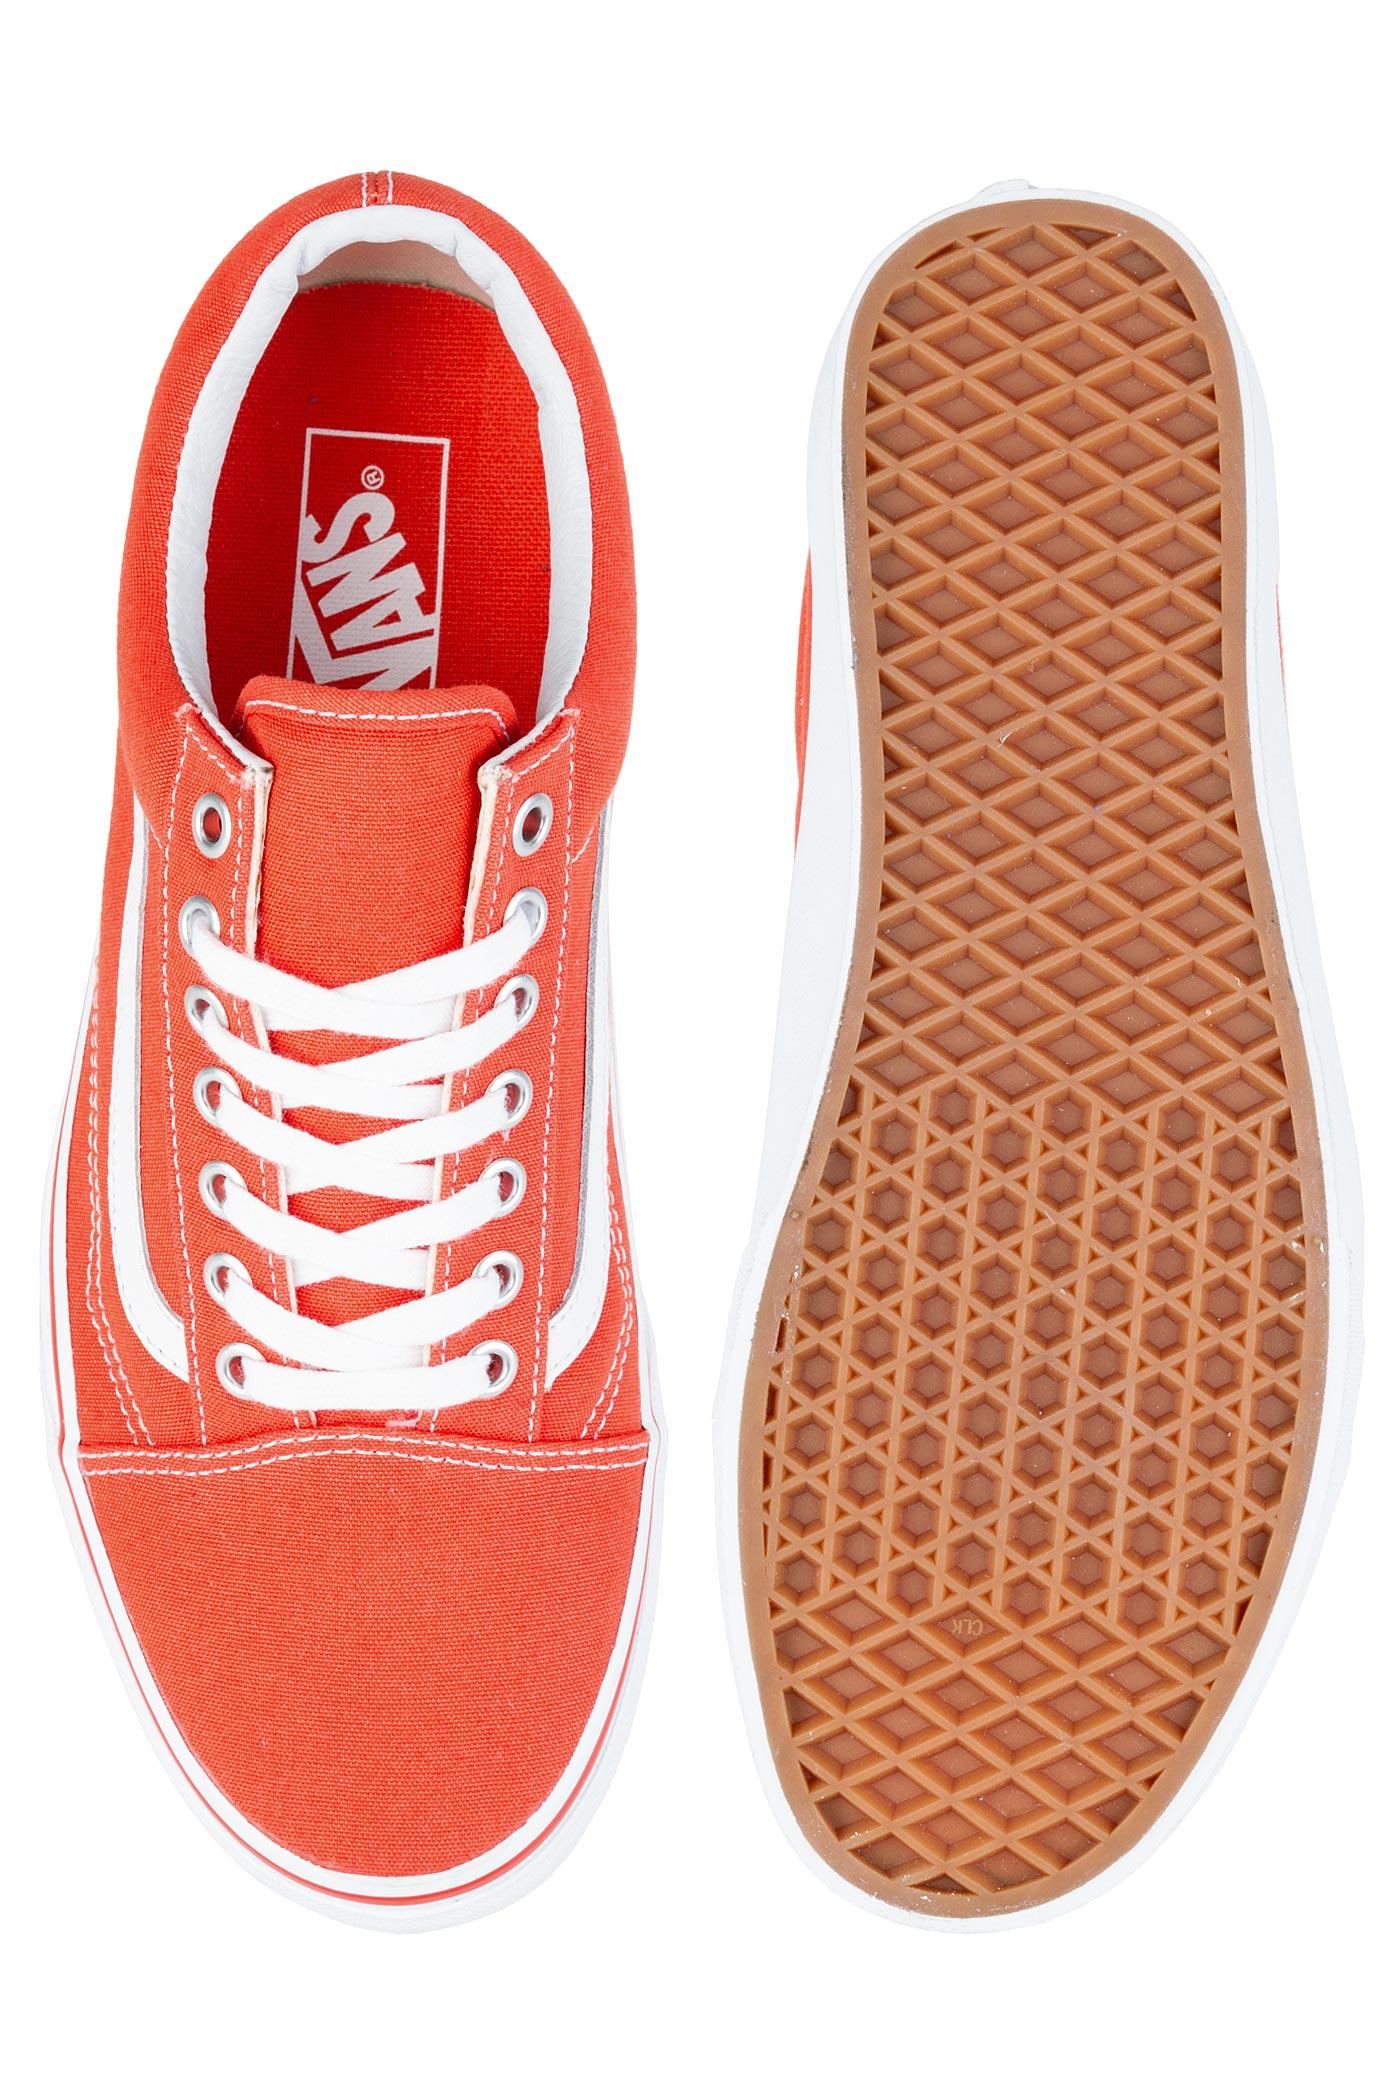 4a2aeeceae Vans Old Skool Shoe (cherry tomato true white) buy at skatedeluxe